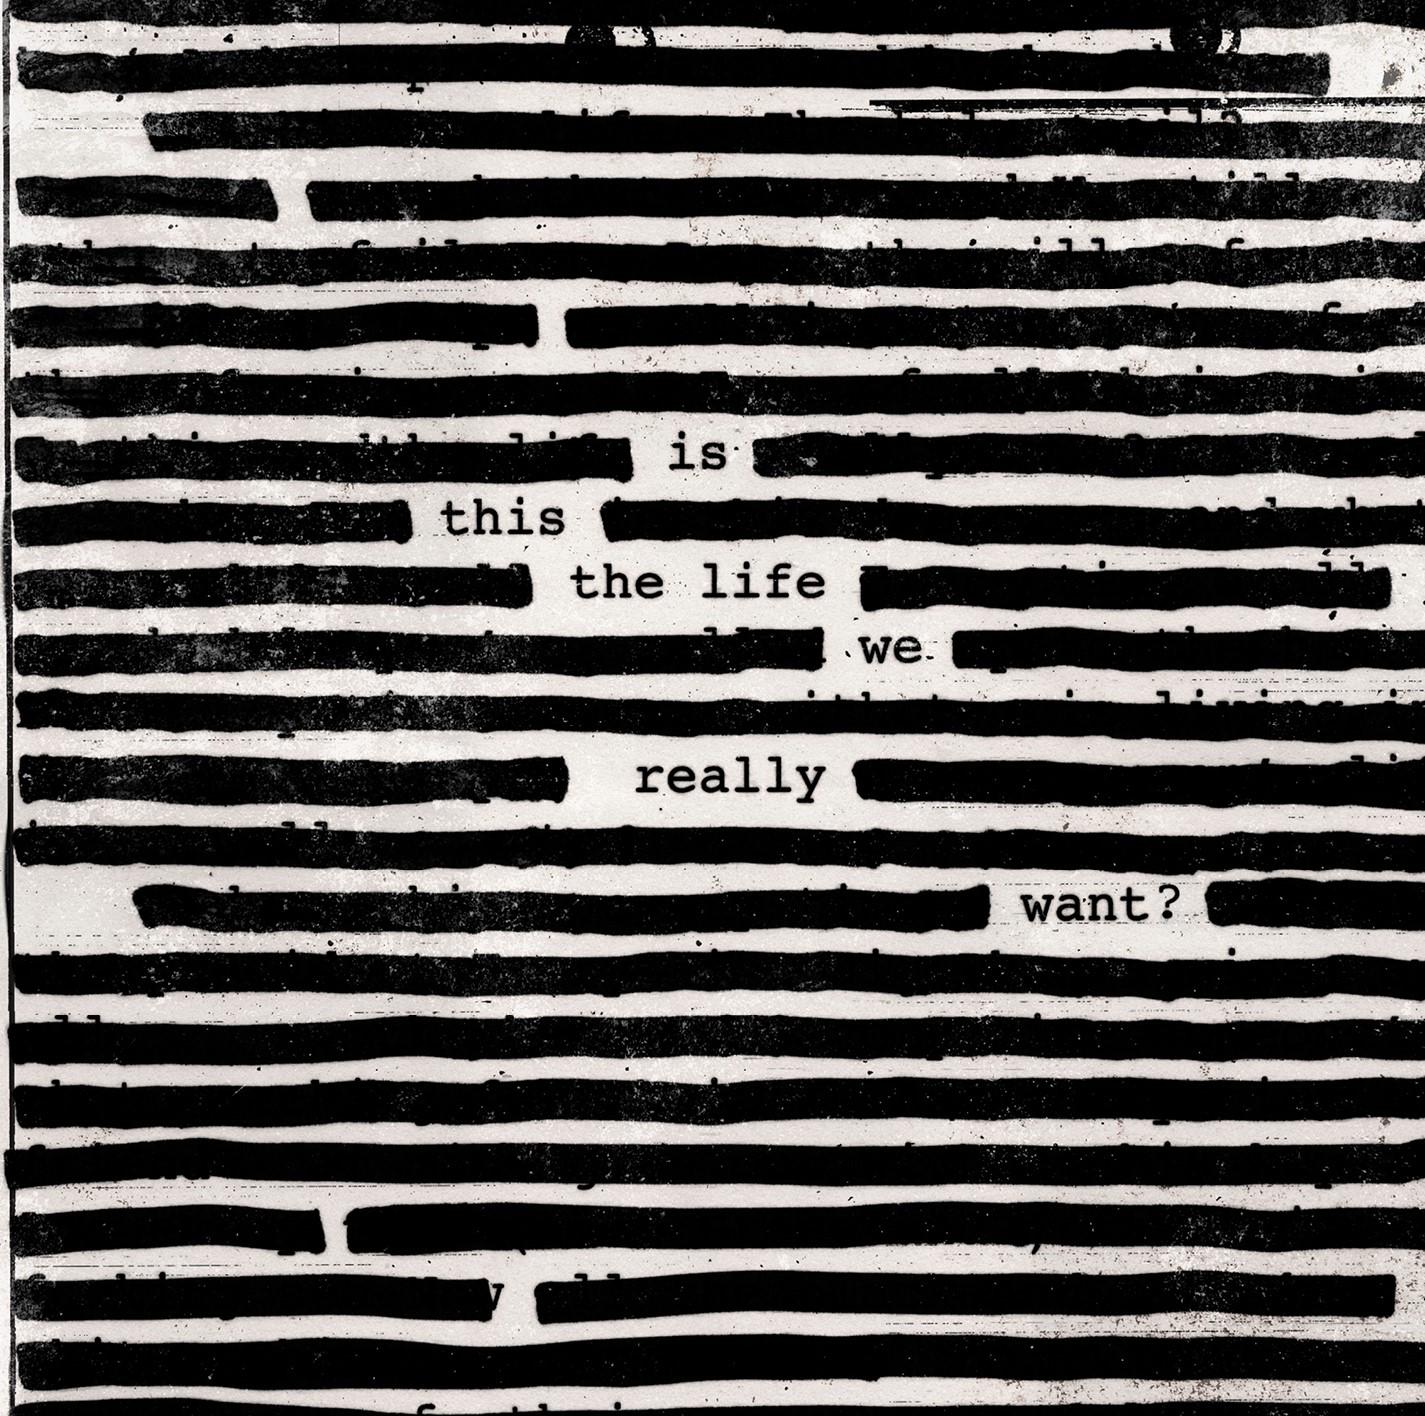 """El nuevo álbum de Roger Waters, """"Is This Live We Really Want?"""" saldrá a la venta el viernes 2 de junio"""